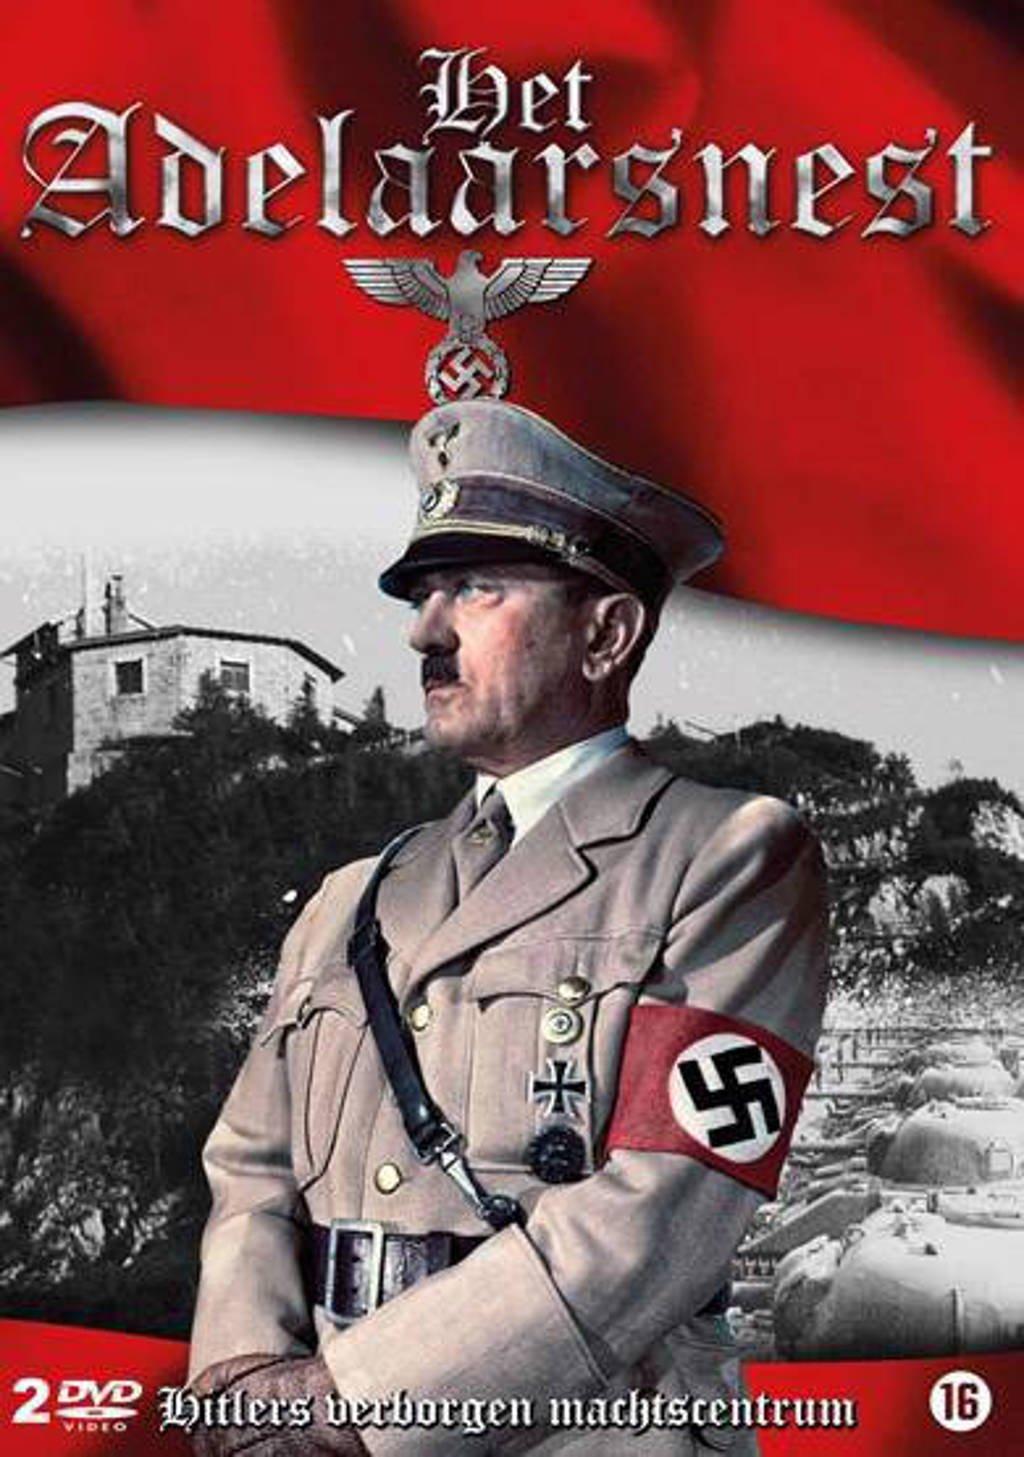 Adelaarsnest (DVD)